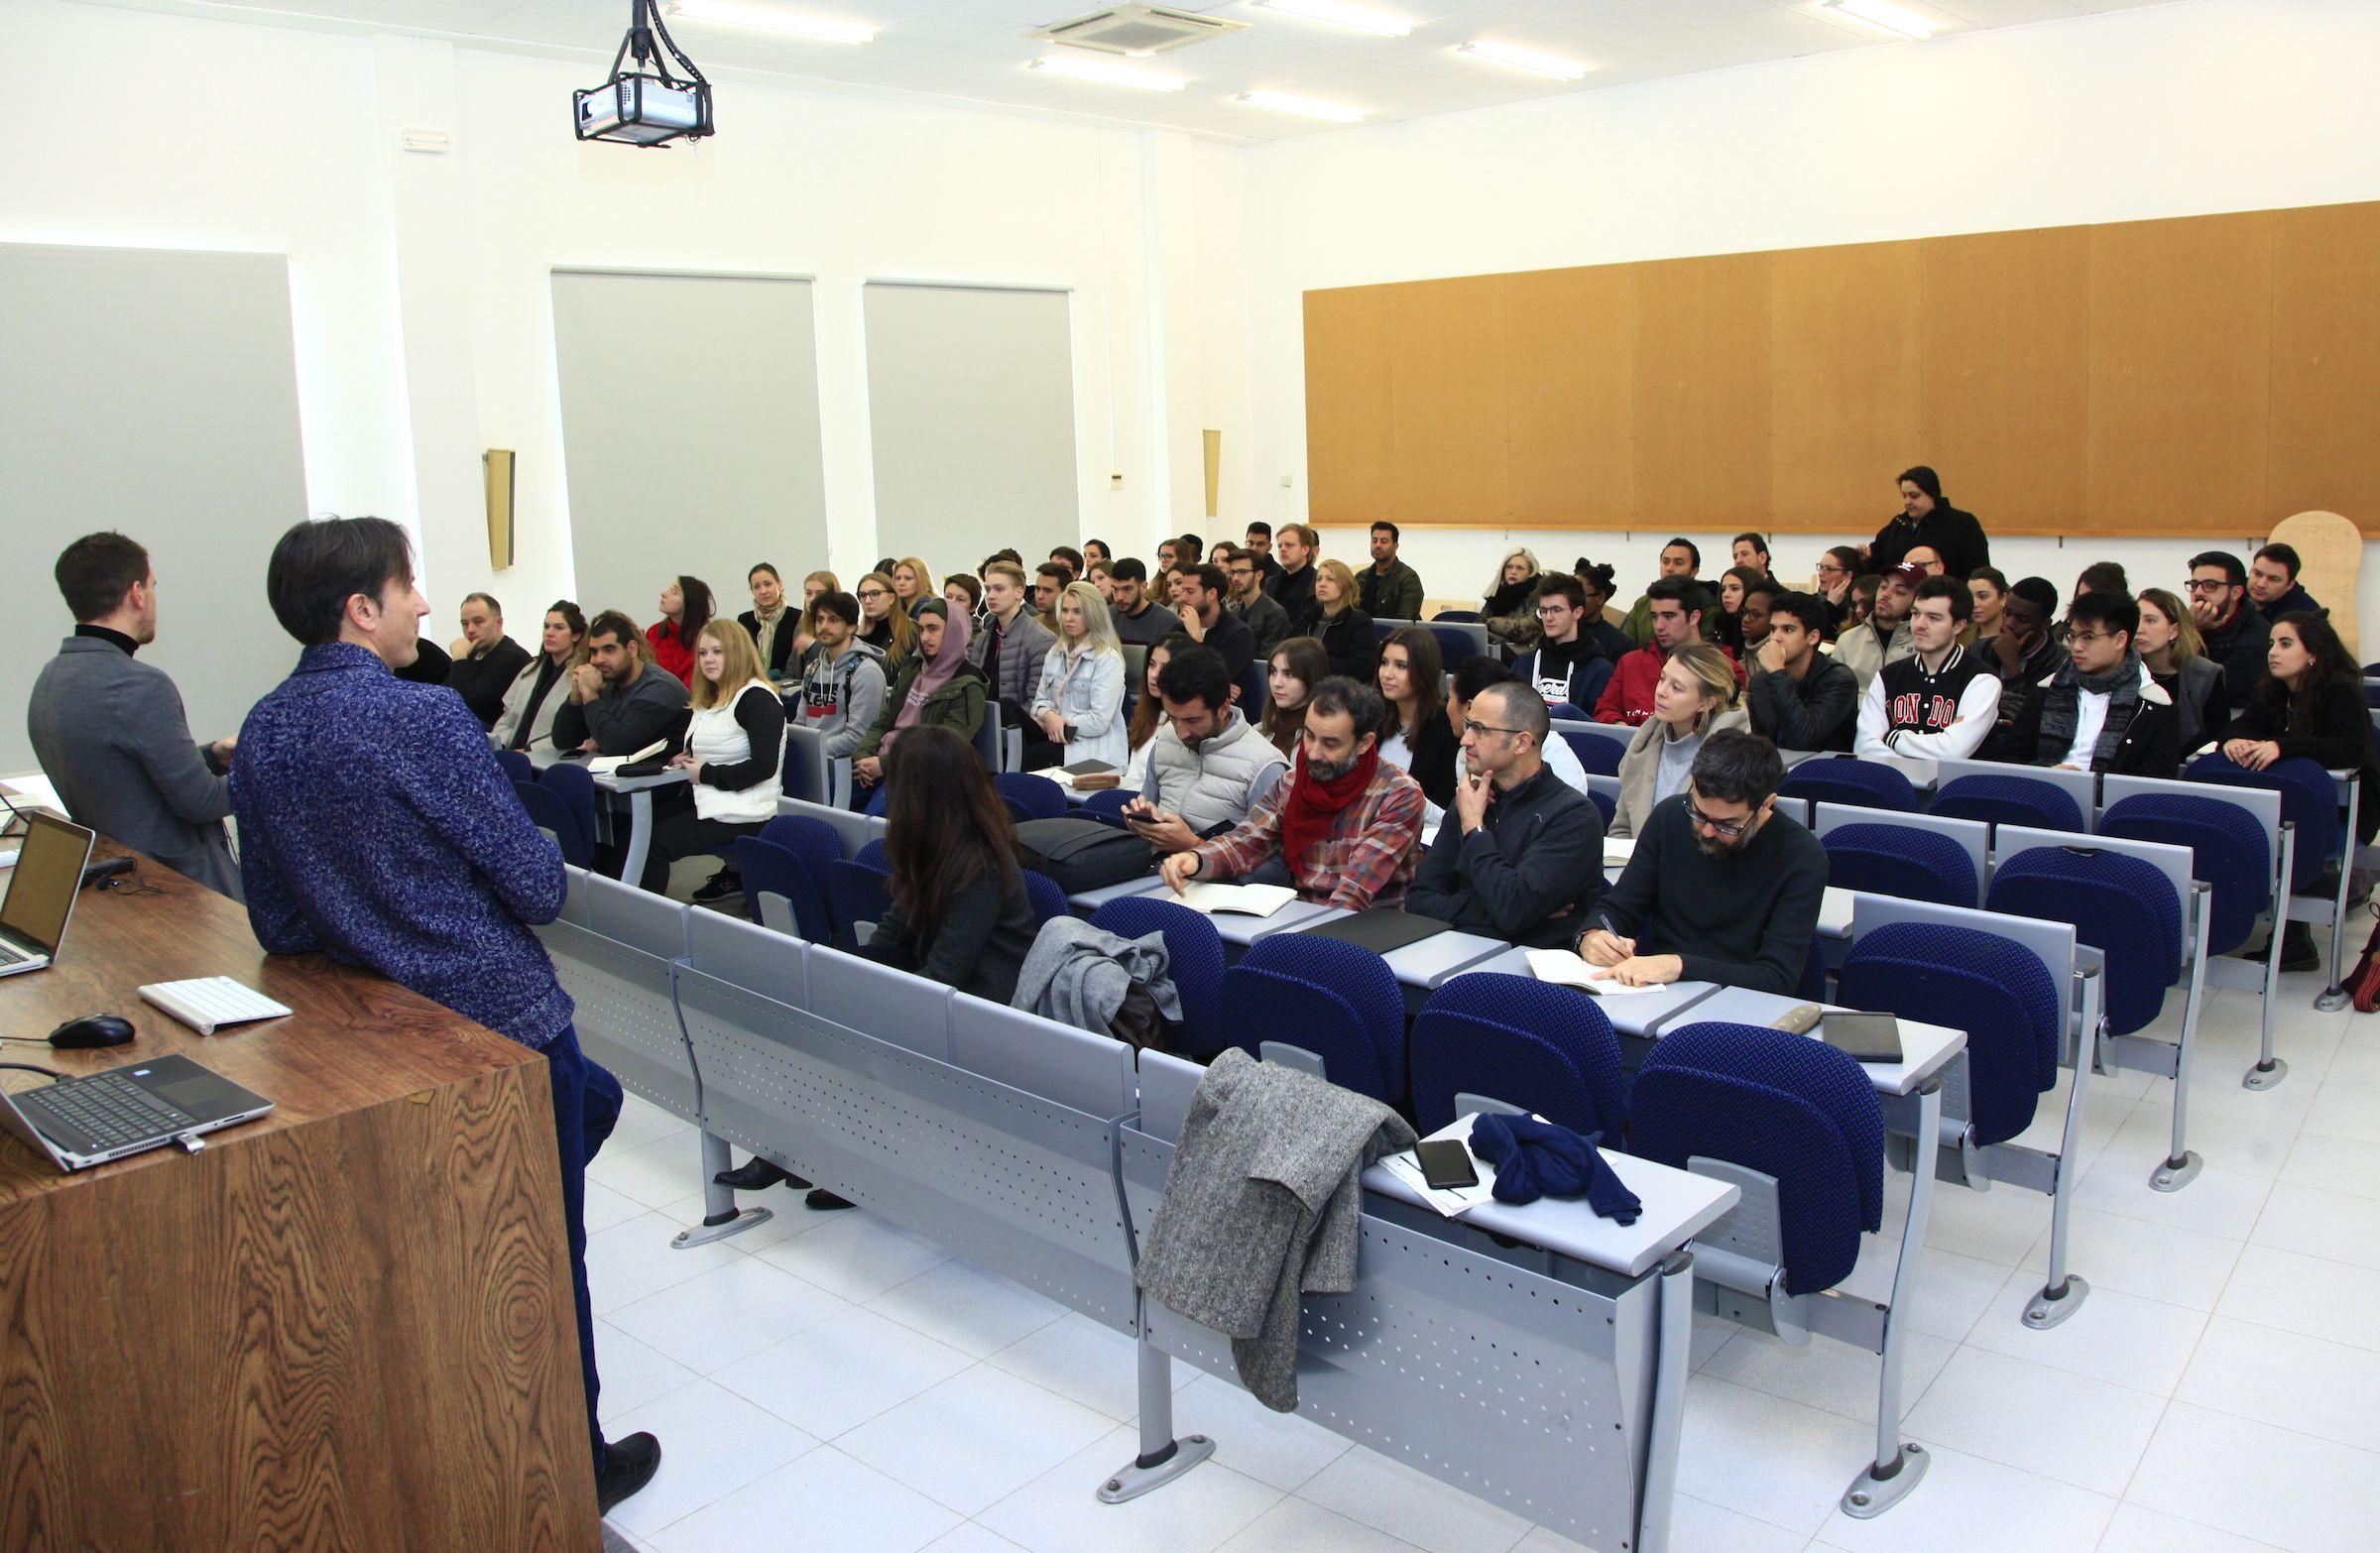 Los profesores Ignacio Juan y Andrés Ros, en la presentación de ConnectA 2019.